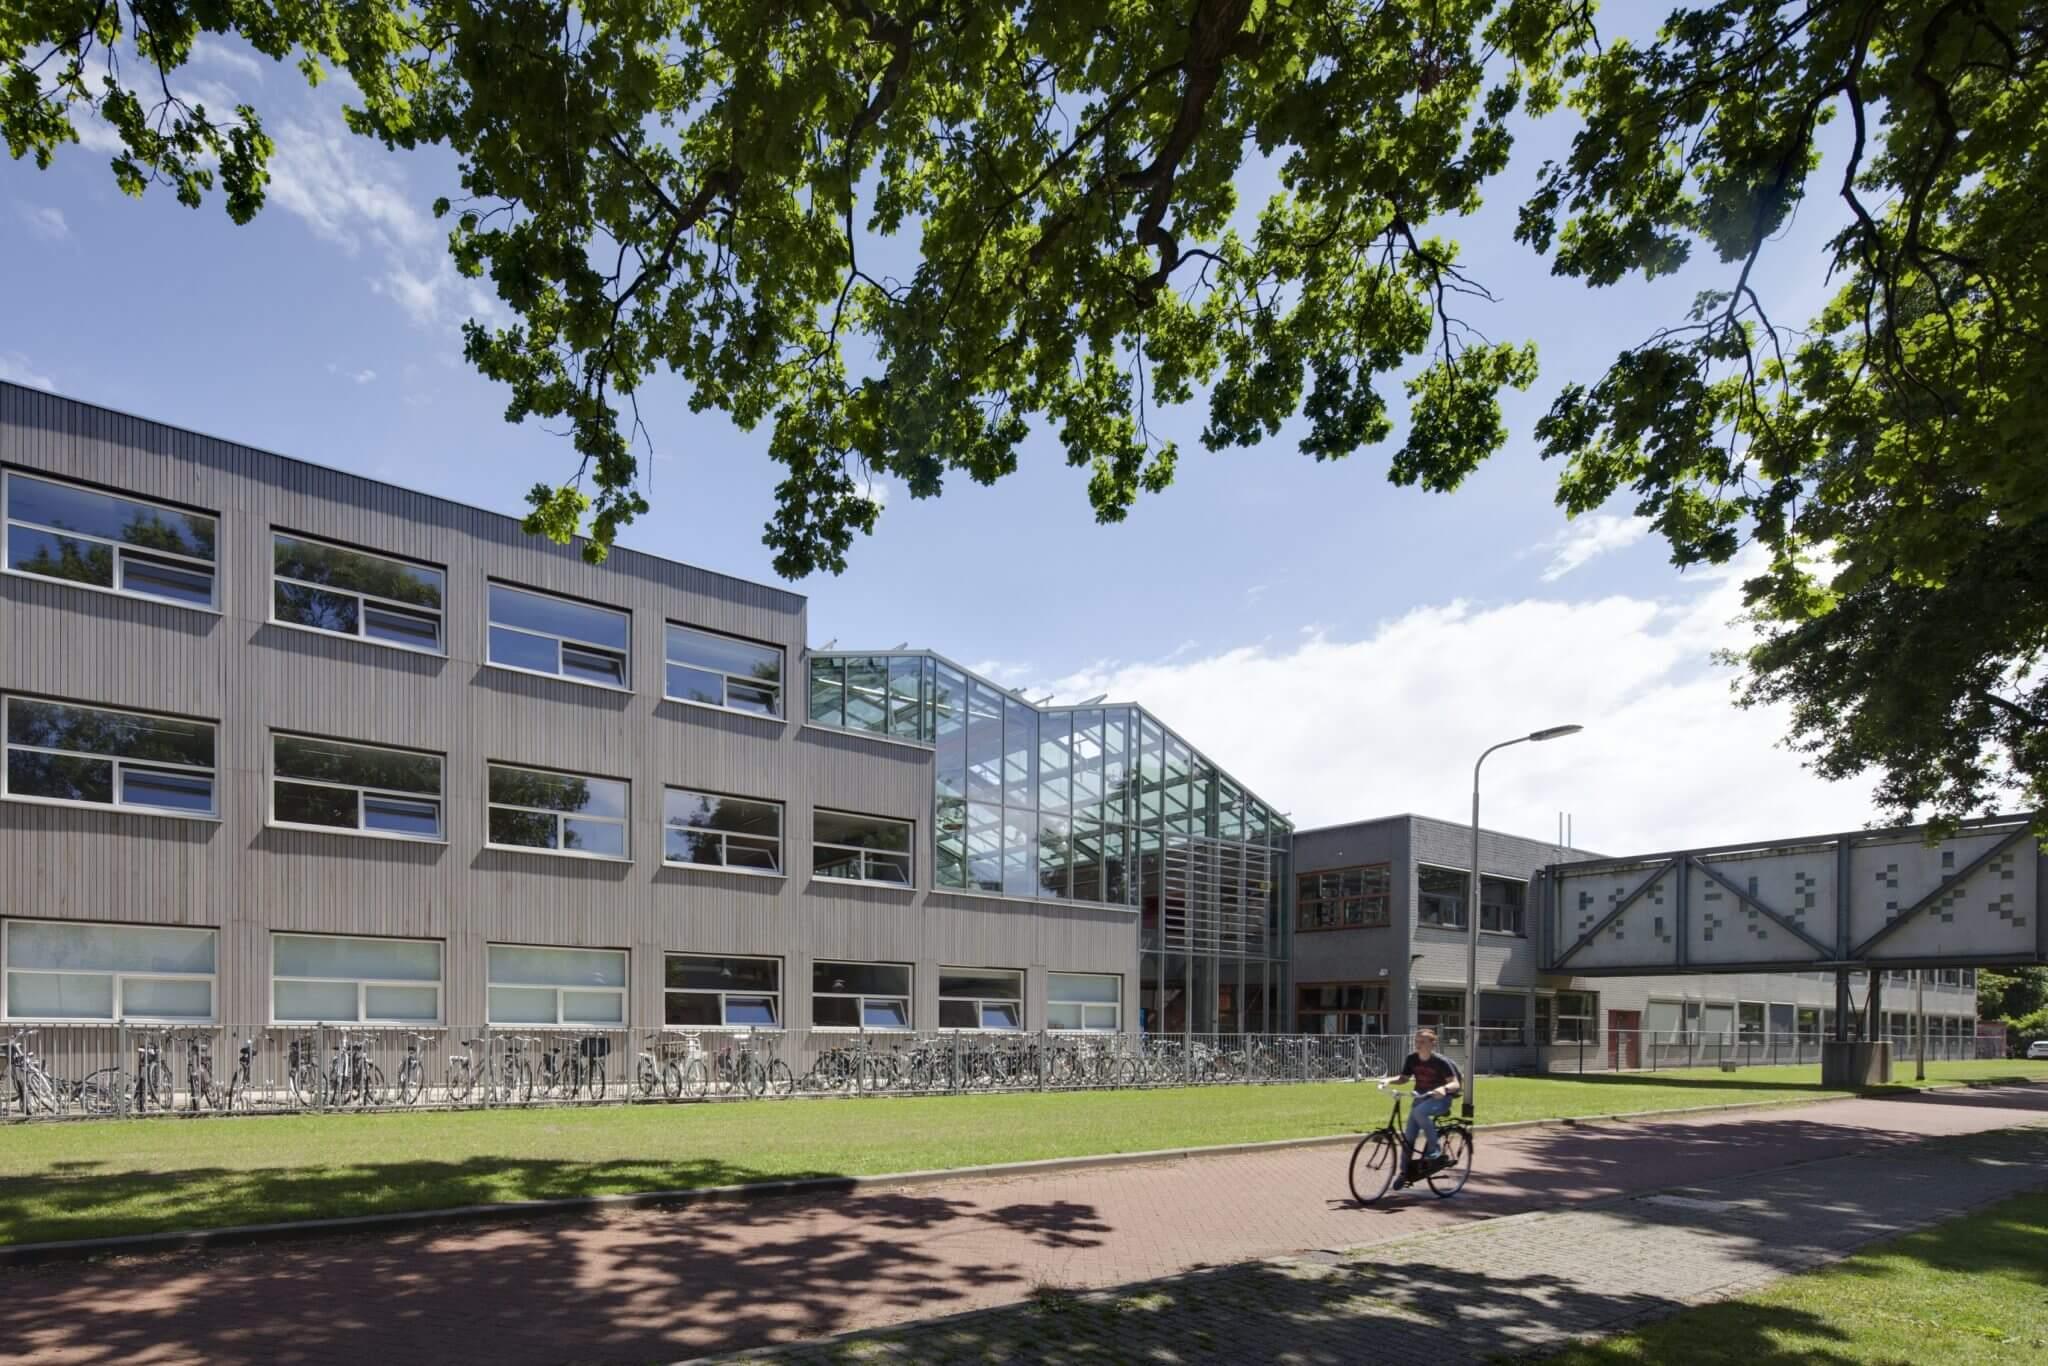 Tilburg Reeshof betonsteen Western red cedar glas kas E&B systeembouw houten kozijnen houtgevel houtbouw Peter Struycken kunstenaar loopbrug glasstenen